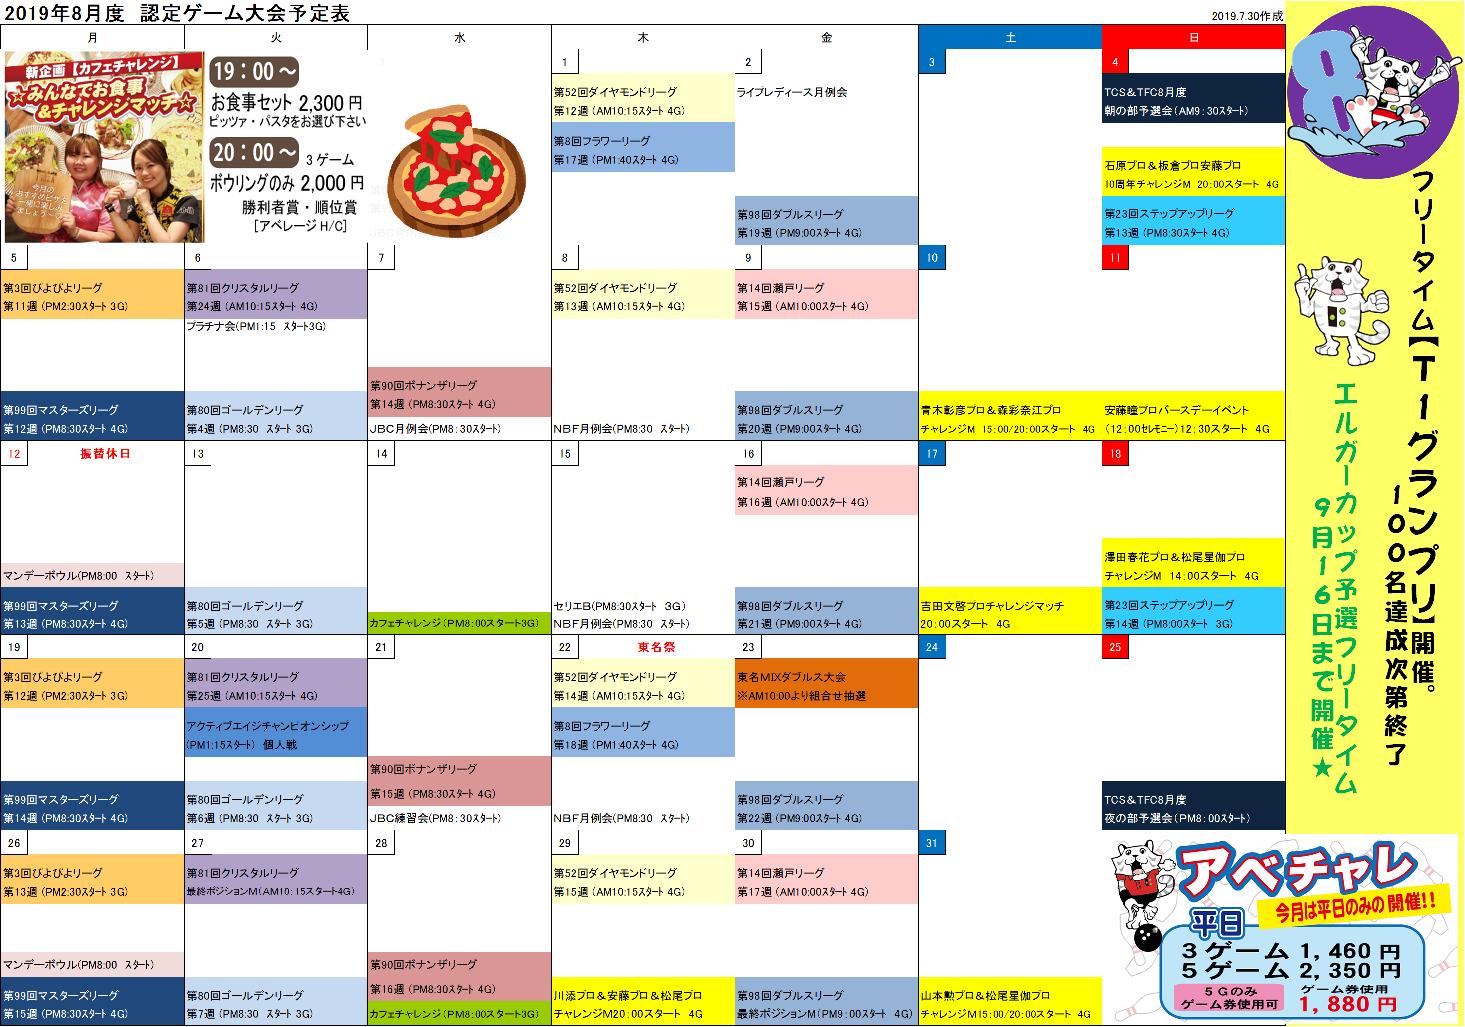 ★会員様向け★8月認定ゲーム大会予定表